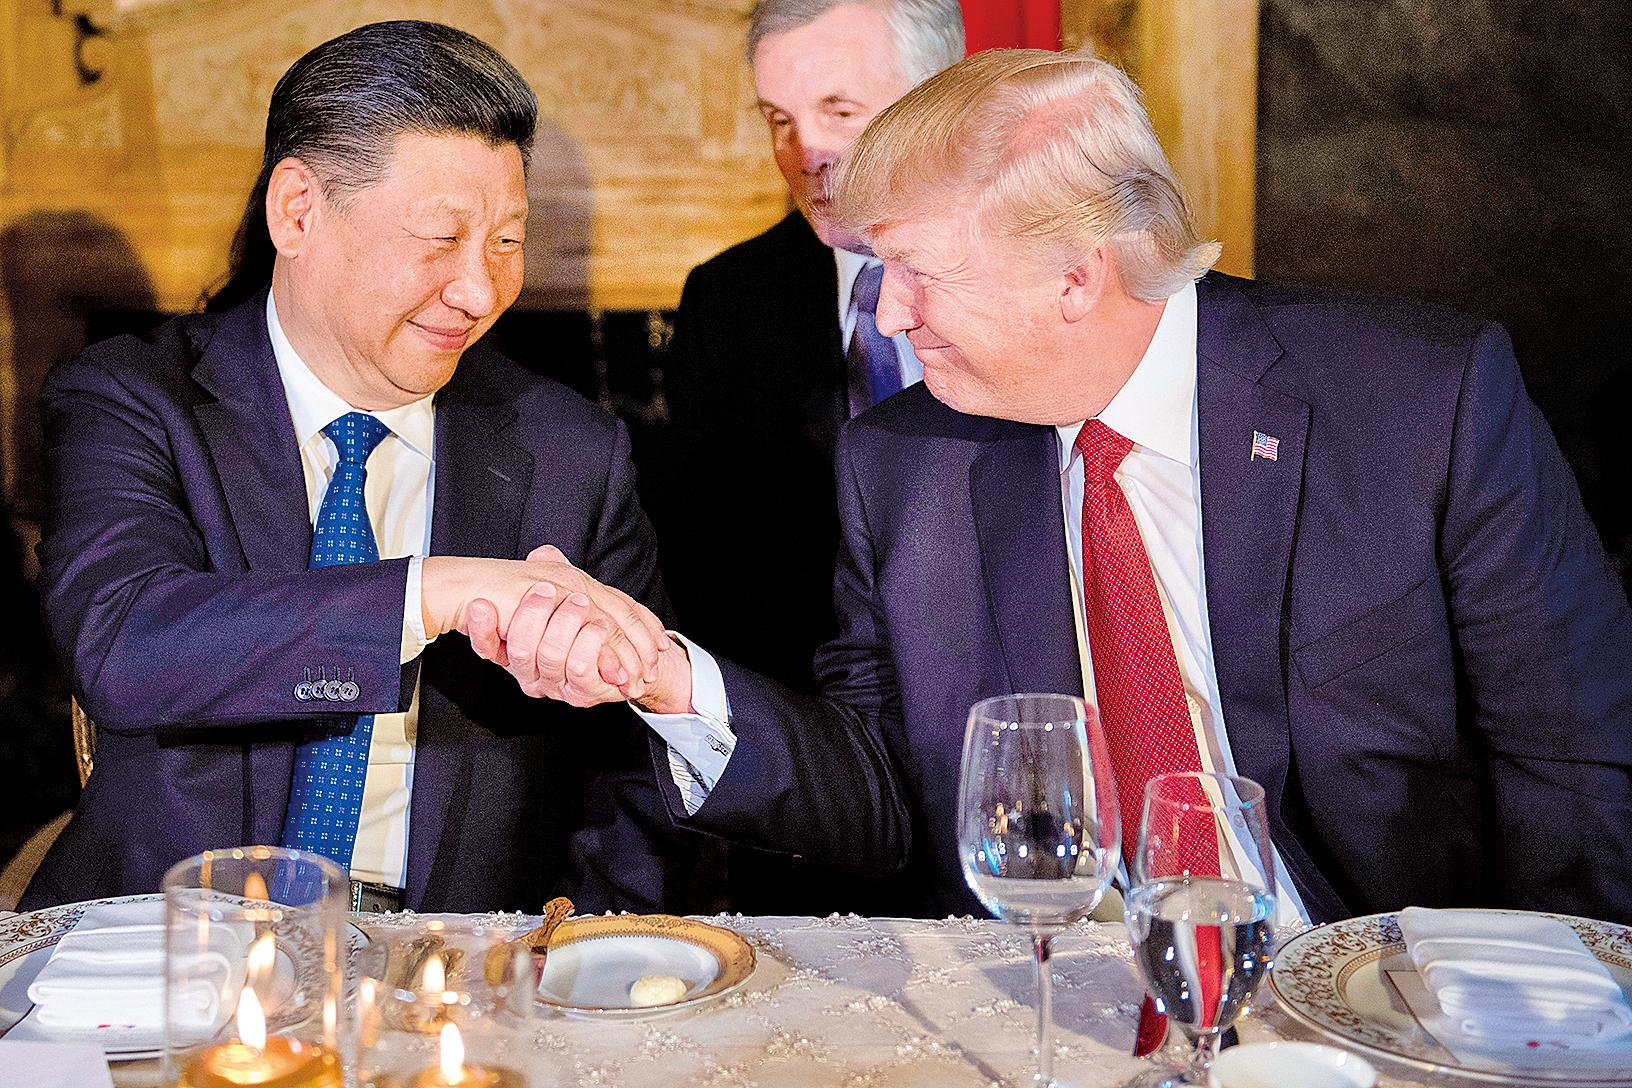 特朗普(右)一再強調和習近平(左)是好朋友。圖為雙方在阿根廷的晚宴上握手言歡。(JIM WATSON/AFP/Getty Images)